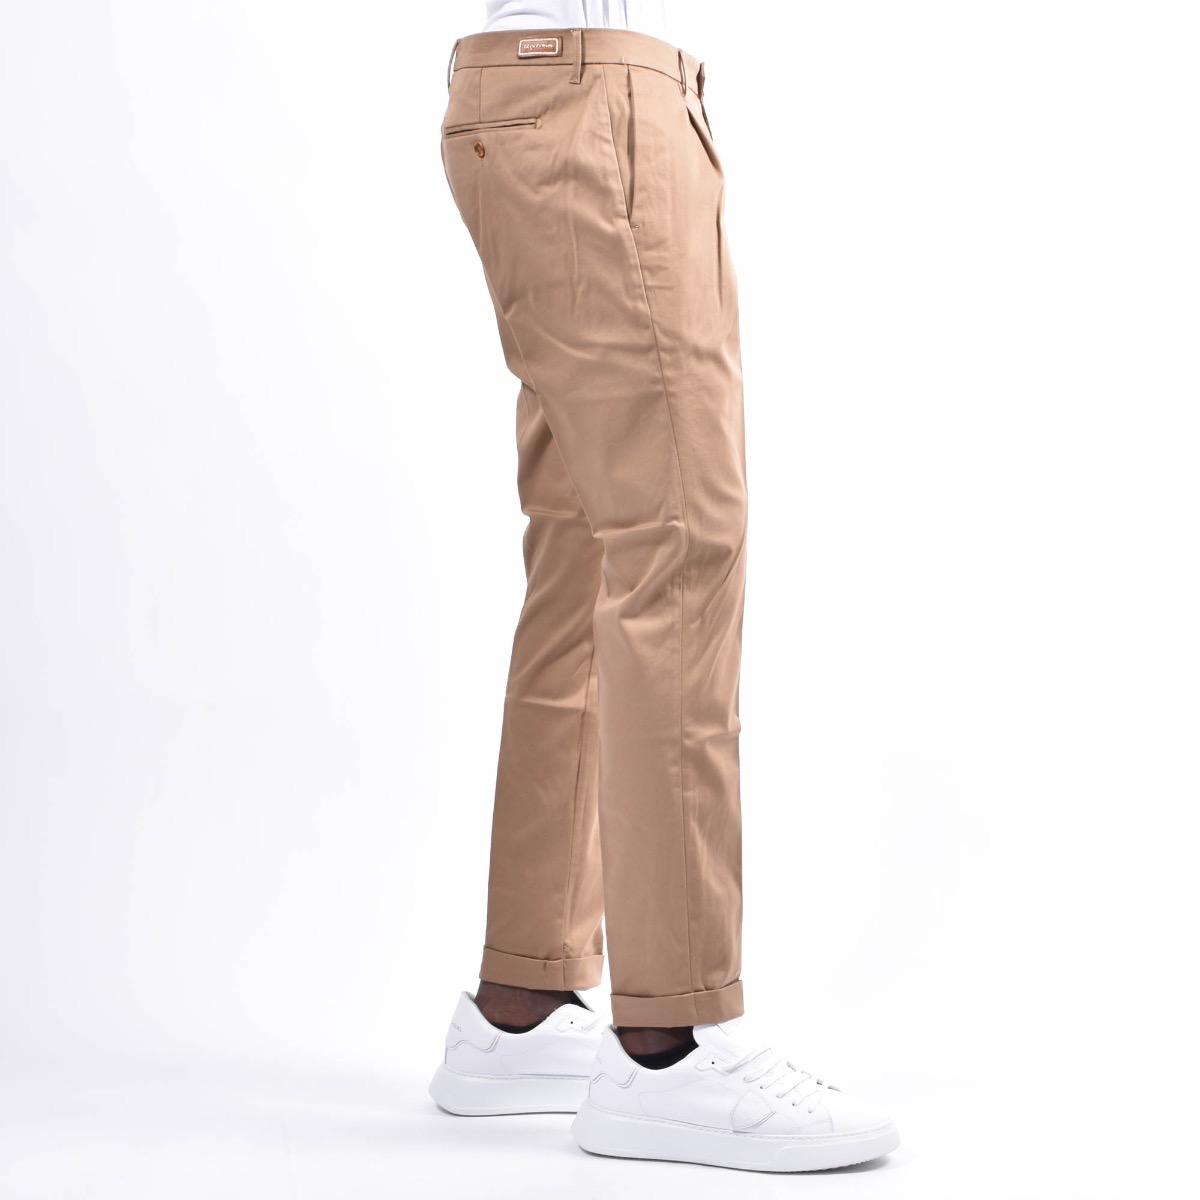 Pantalone con tasca americana - Cachi